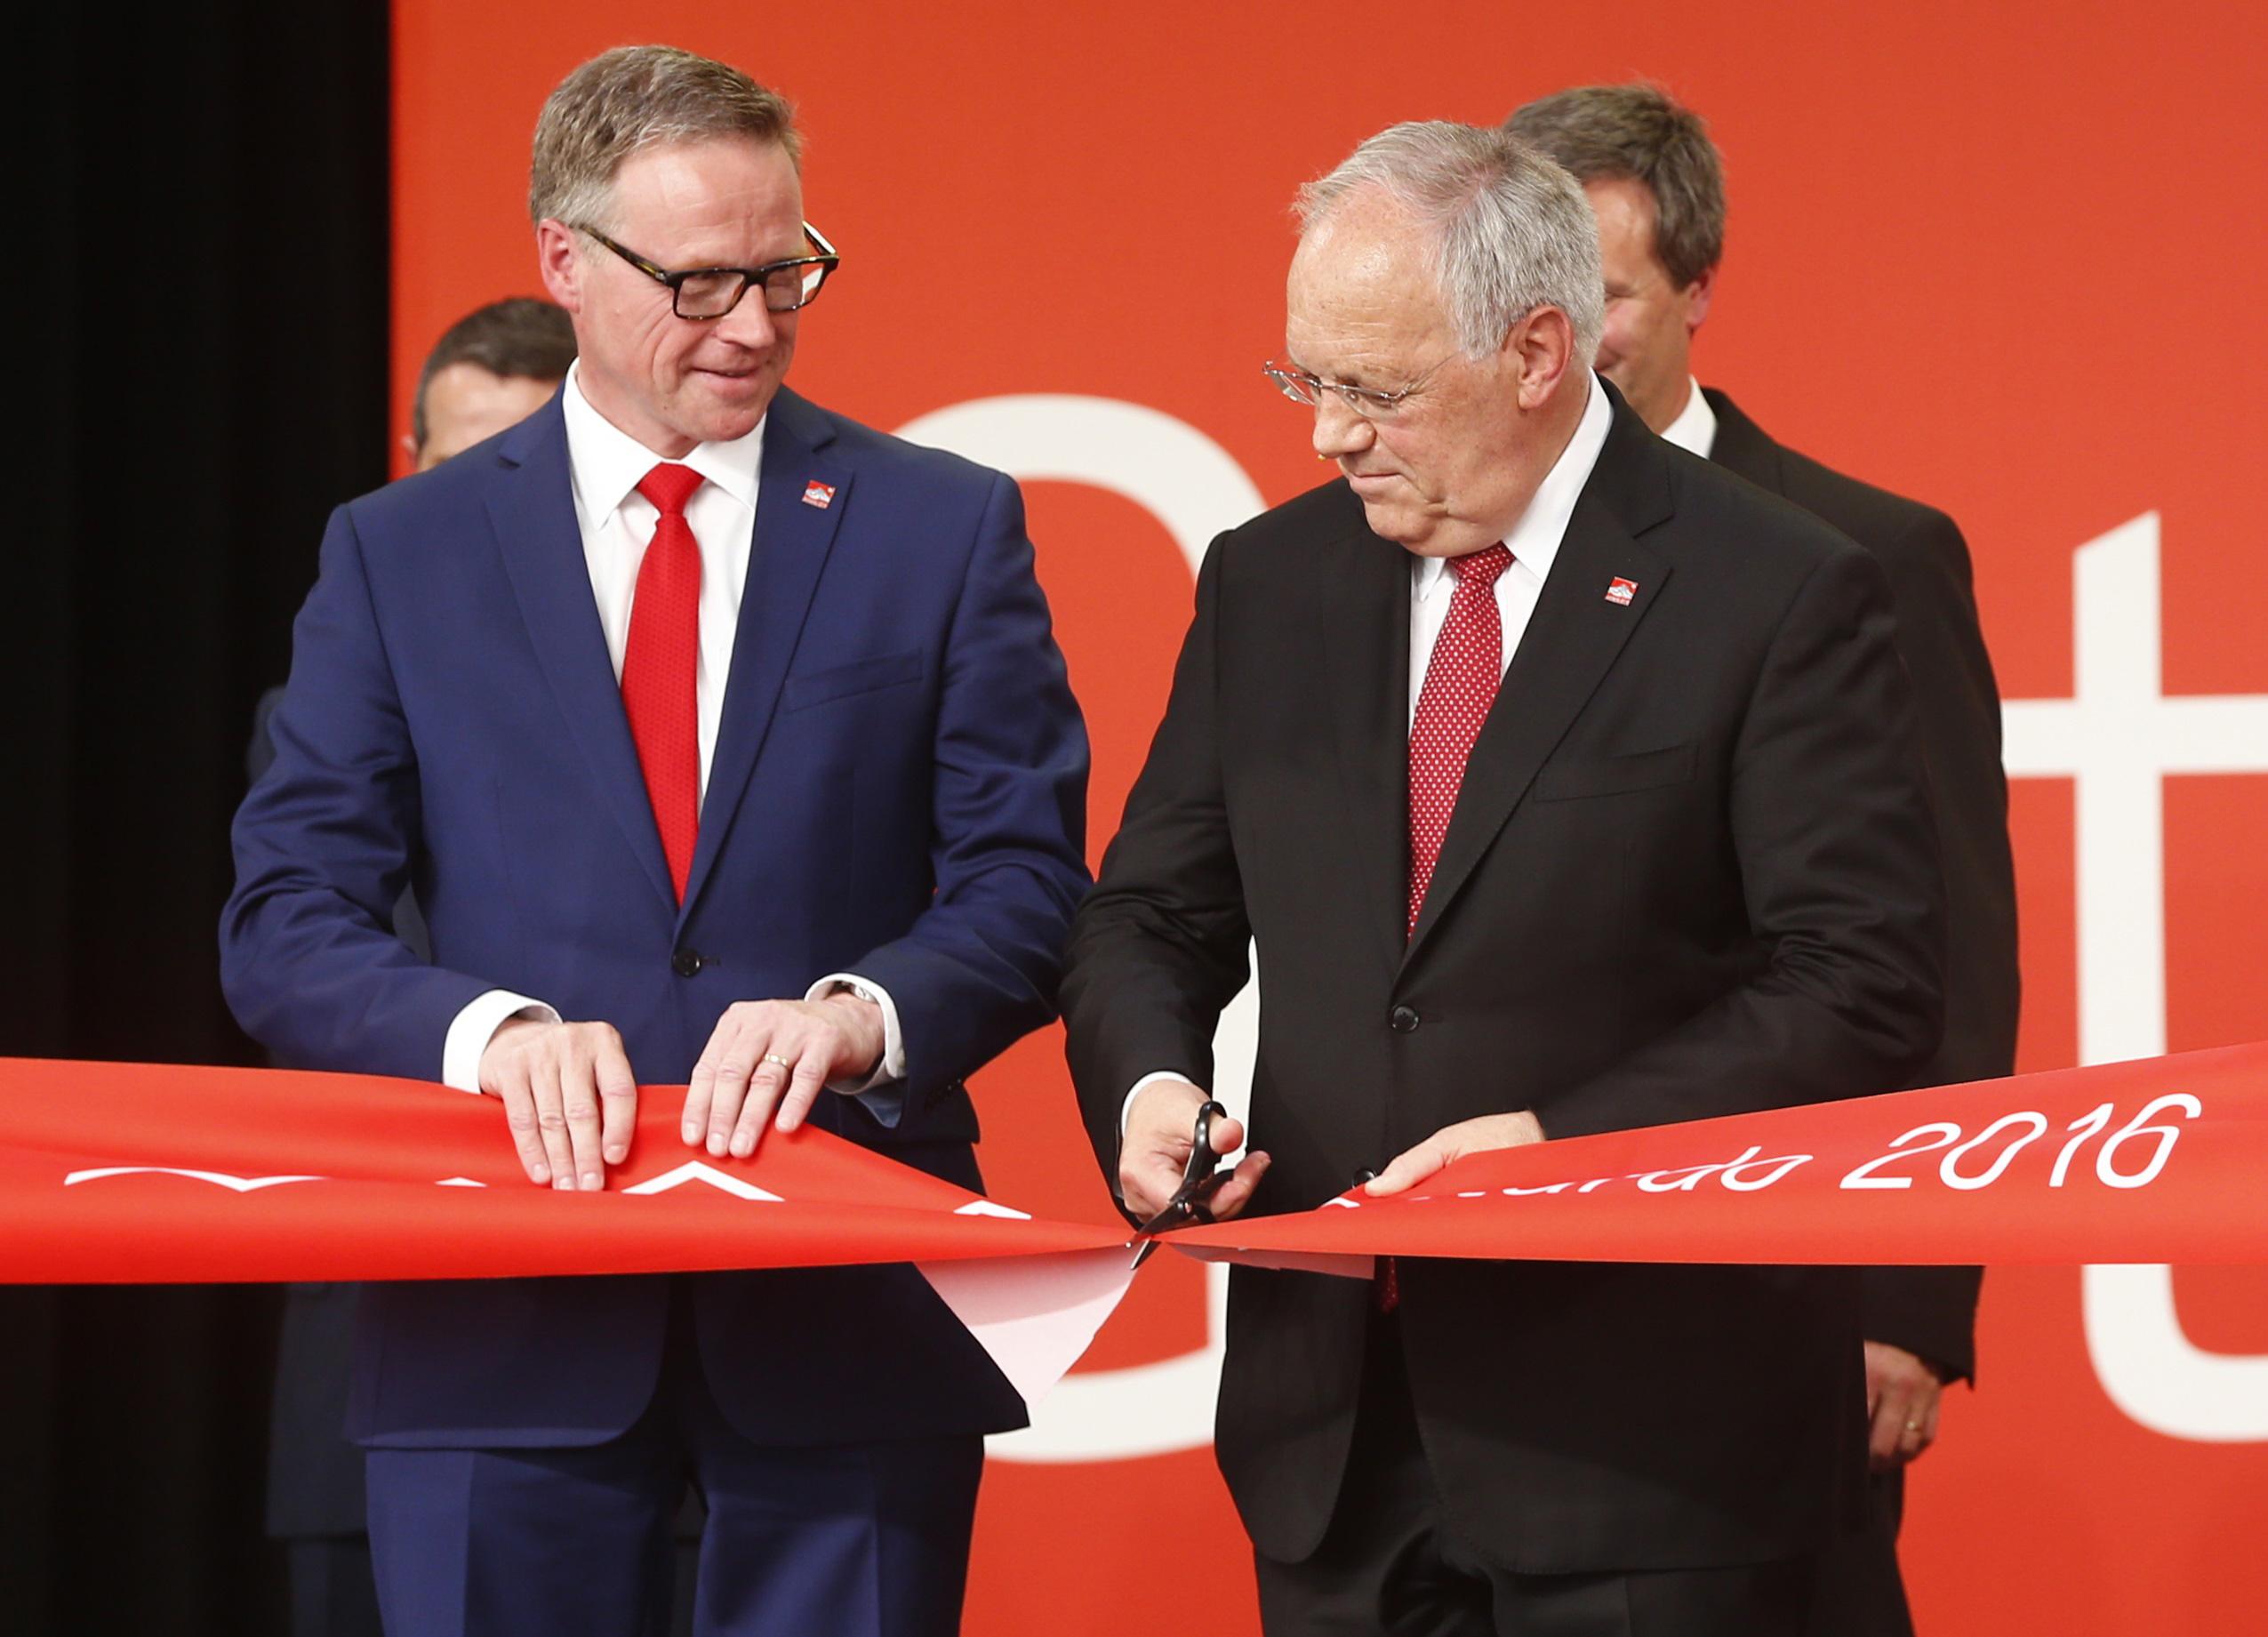 瑞士聯邦總統施奈德-阿曼(右)與瑞士聯邦鐵路CEO安德列斯・梅耶共同為聖哥達隧道通車剪綵。(美聯社)